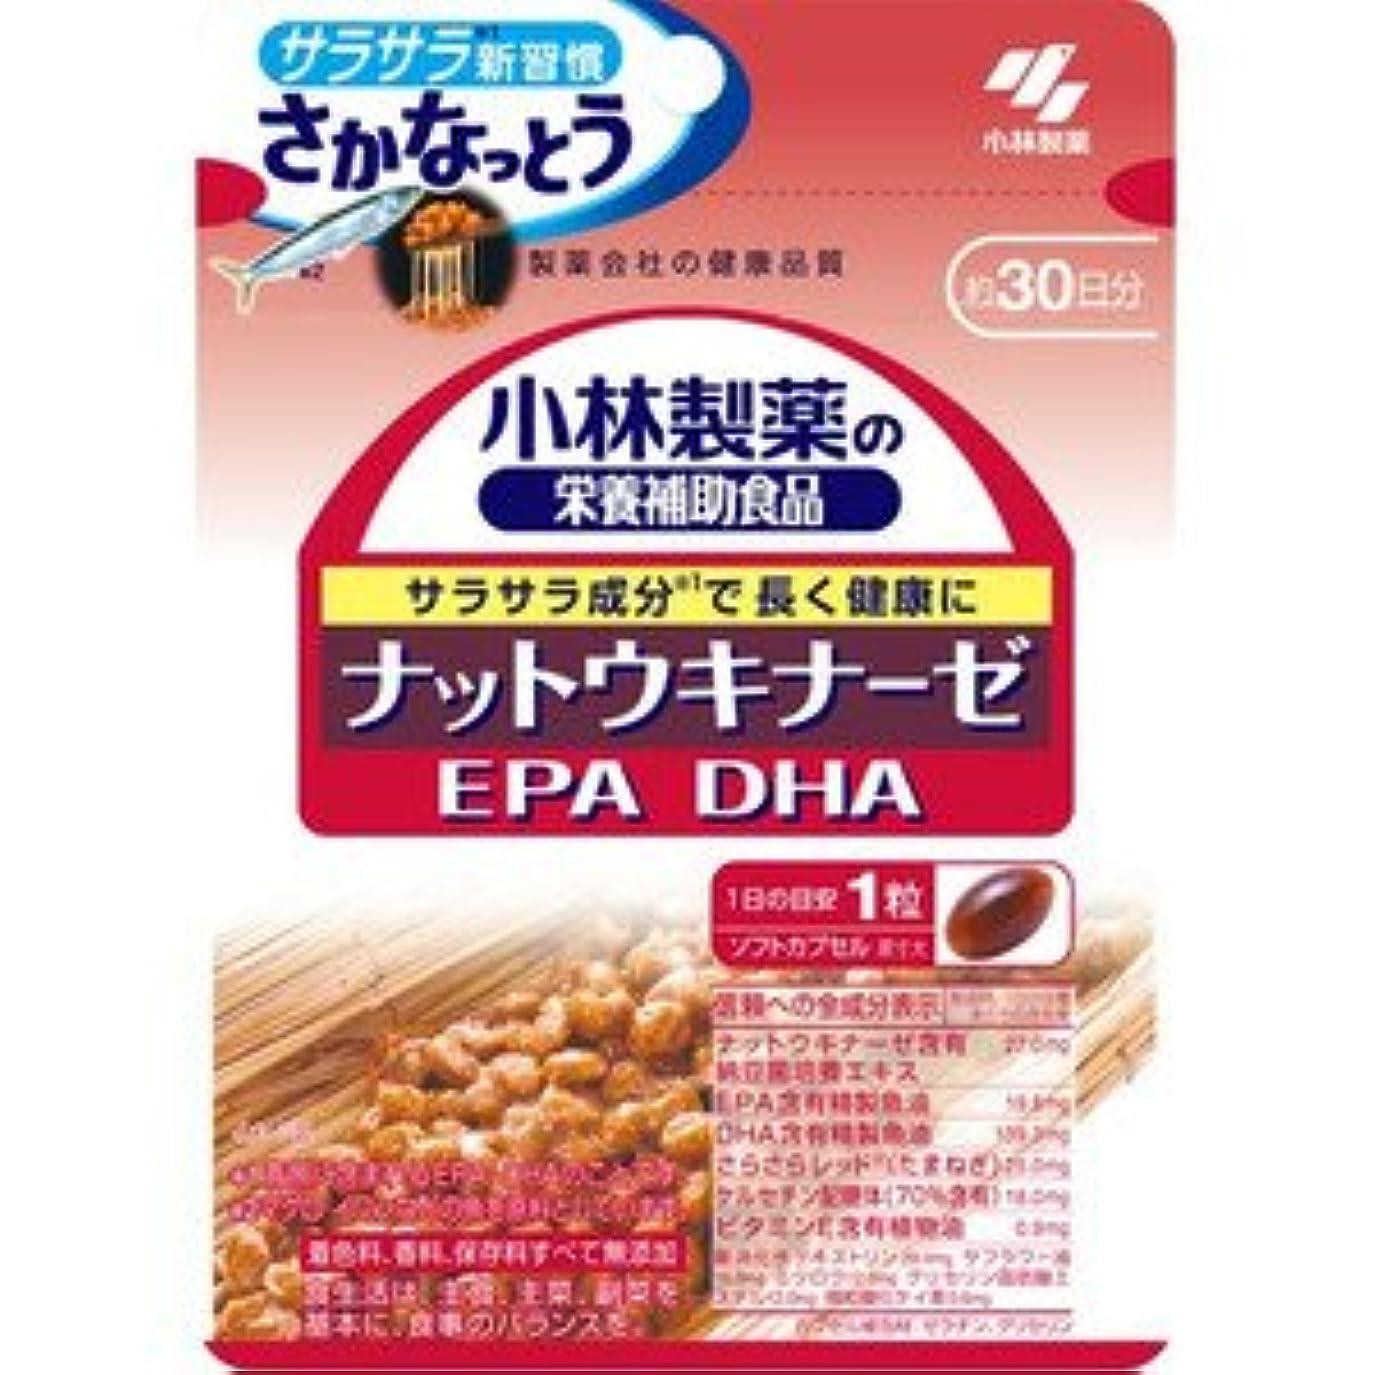 脊椎熱帯の書誌【小林製薬】ナットウキナーゼ (EPA/DHA) 30粒(お買い得3個セット)